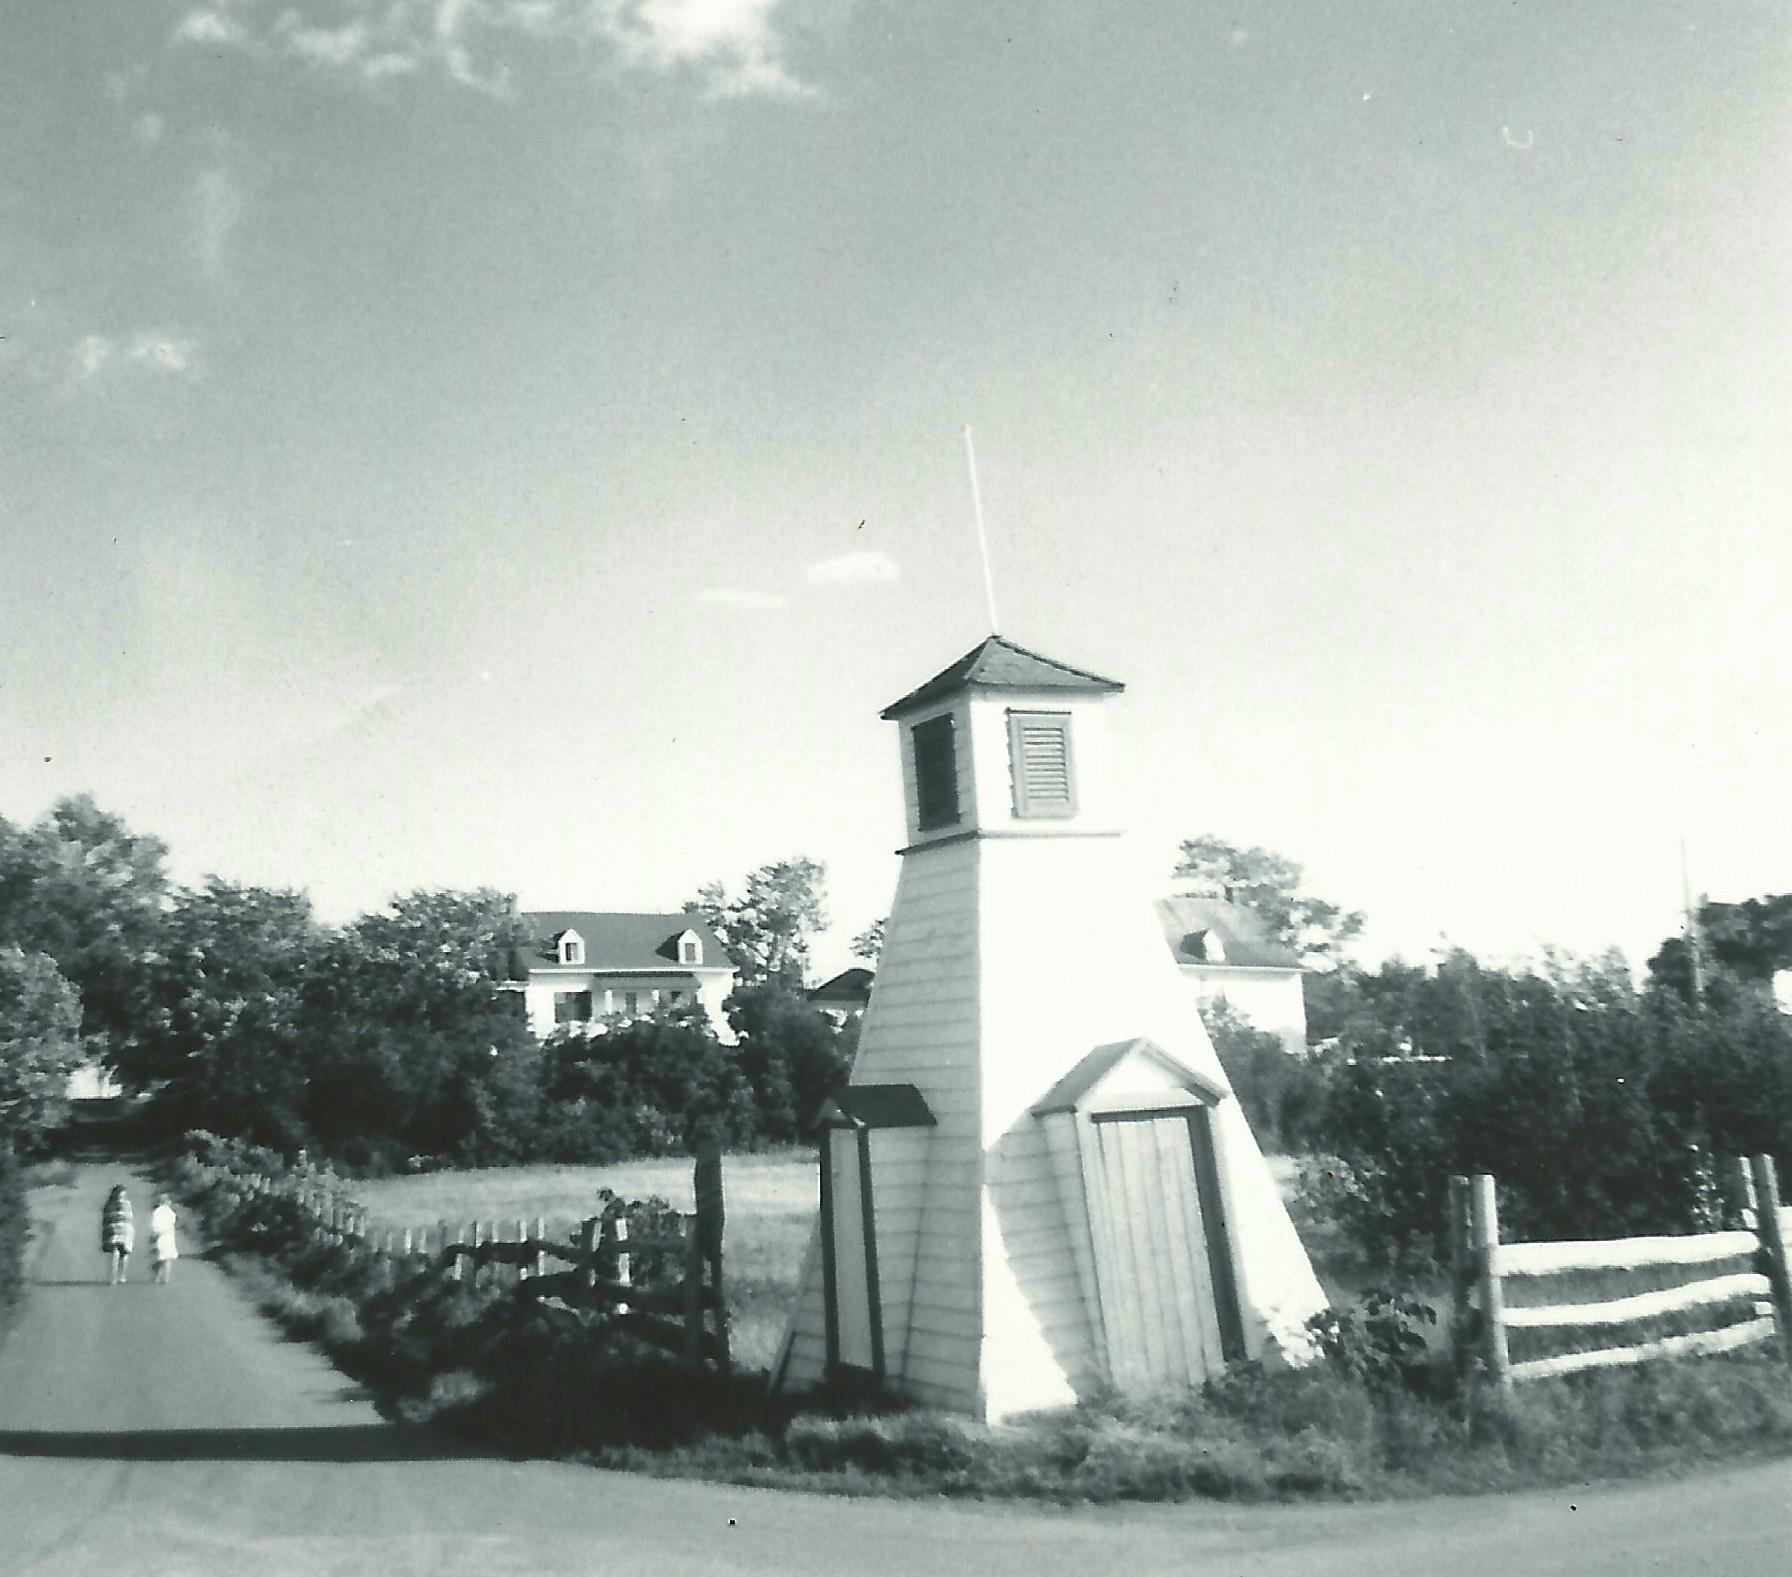 Photographie présentant une cabine de bain au pied d'une pente, à la jonction de deux routes.